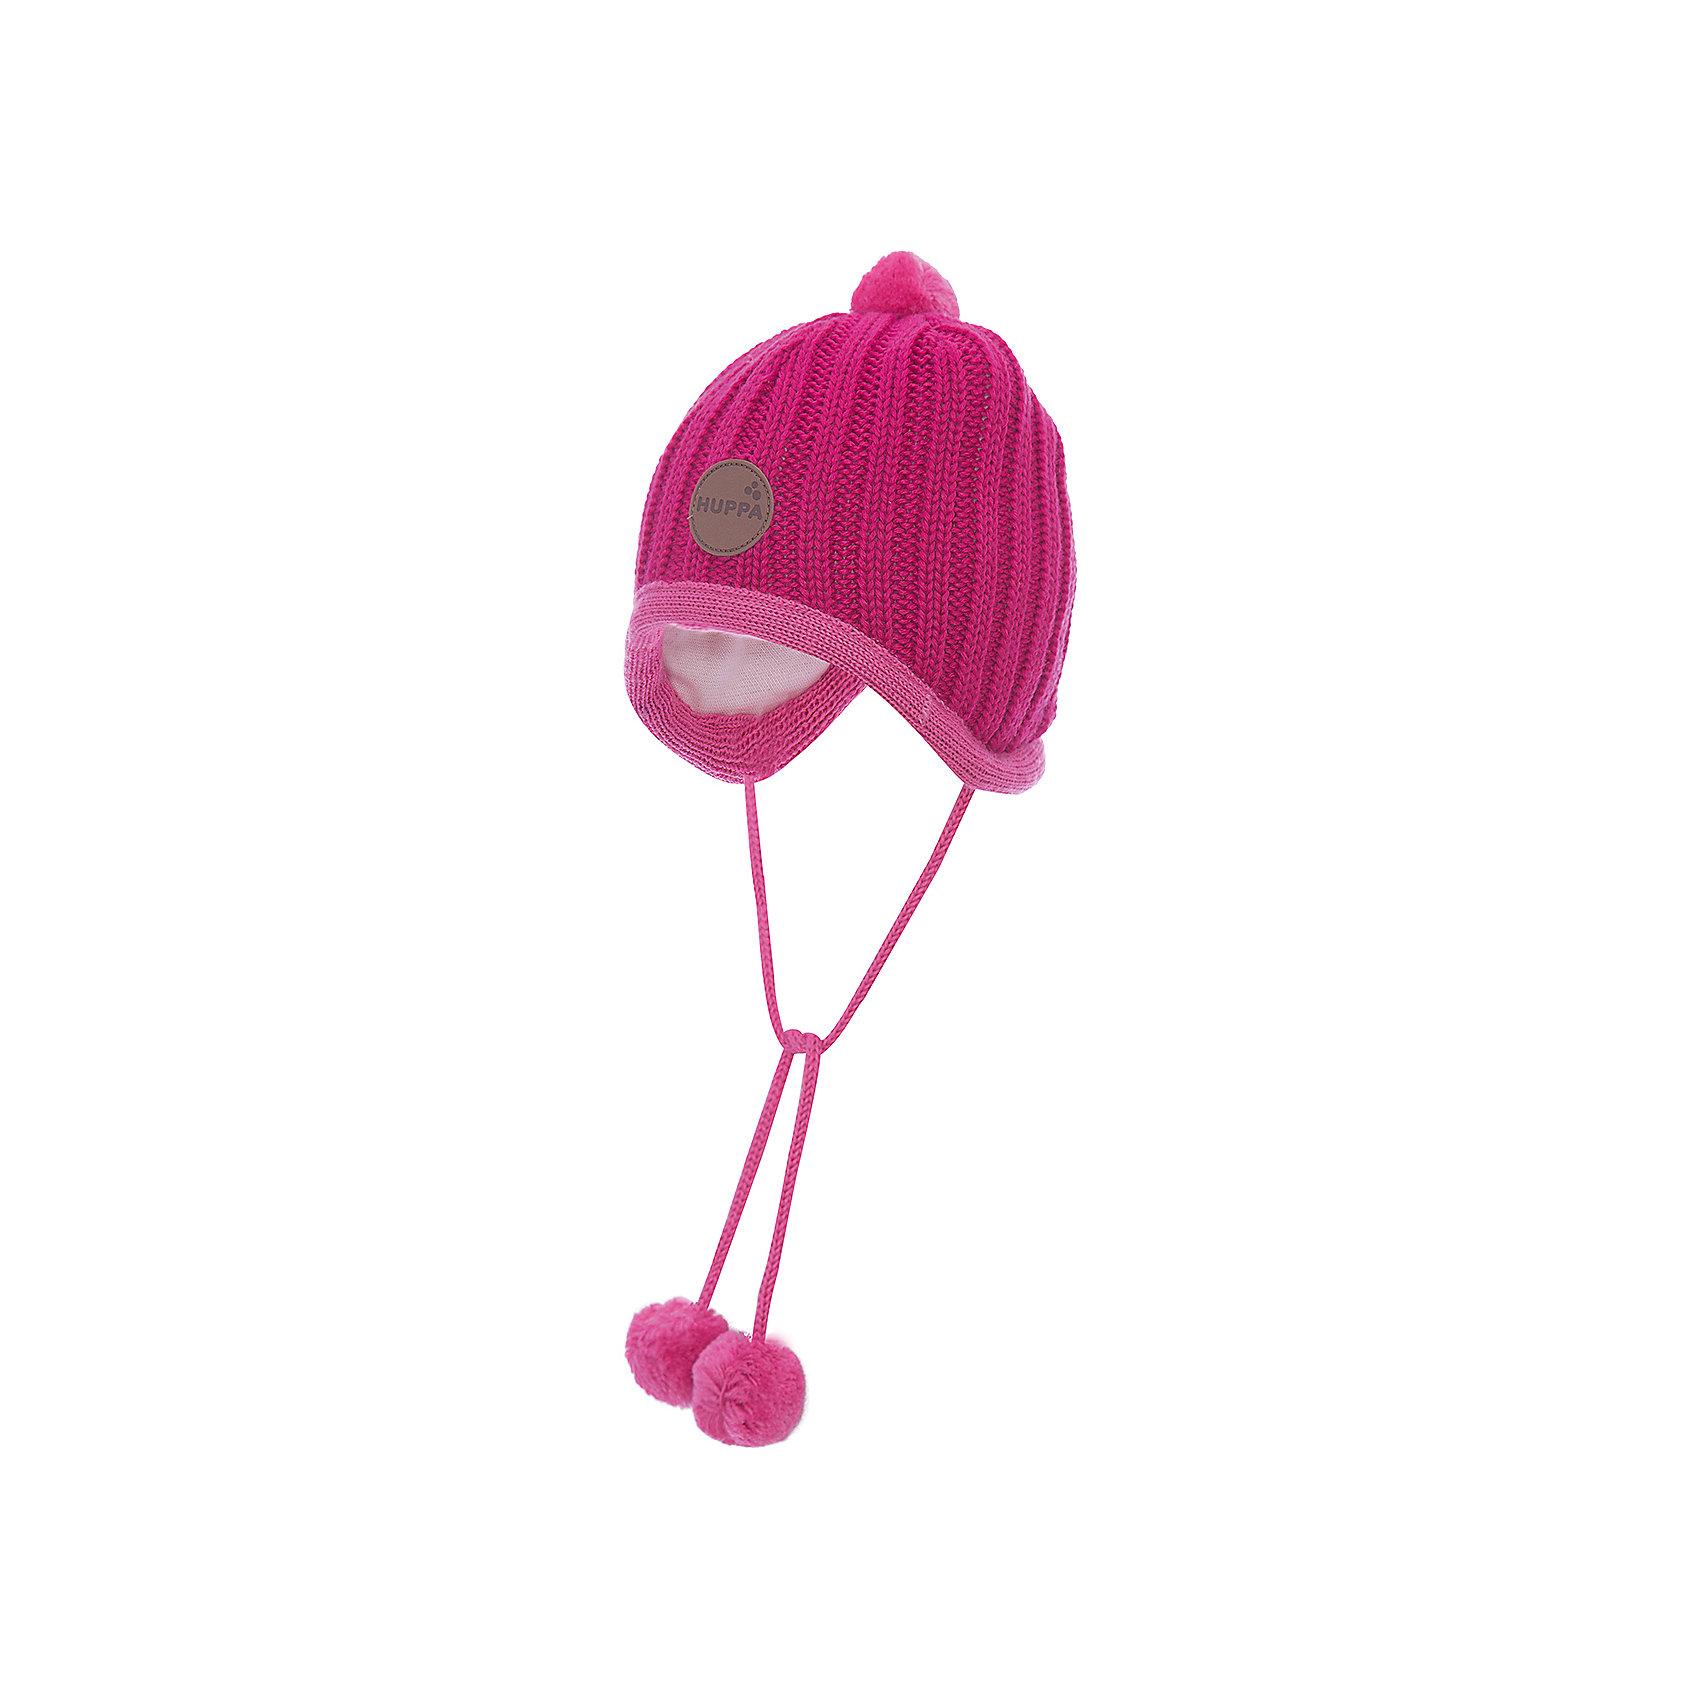 Шапка для девочки HuppaВязанная «резинкой» зимняя шапка для малышей. Для удобства ношения у шапки приятная подкладка из хлопкового трикотажа, наружная часть из смеси 50% мериносовой шерсти и 50% акриловой пряжи. Для защиты от холодных ветров у шапки имеются ленты с помпонами, при помощи которых шапку можно завязать и защитить уши от холода. <br><br>Шапку для девочки Huppa (Хуппа) можно купить в нашем магазине.<br><br>Ширина мм: 89<br>Глубина мм: 117<br>Высота мм: 44<br>Вес г: 155<br>Цвет: розовый<br>Возраст от месяцев: 36<br>Возраст до месяцев: 60<br>Пол: Женский<br>Возраст: Детский<br>Размер: 51-53,39-43,43-45,47-49<br>SKU: 4242887